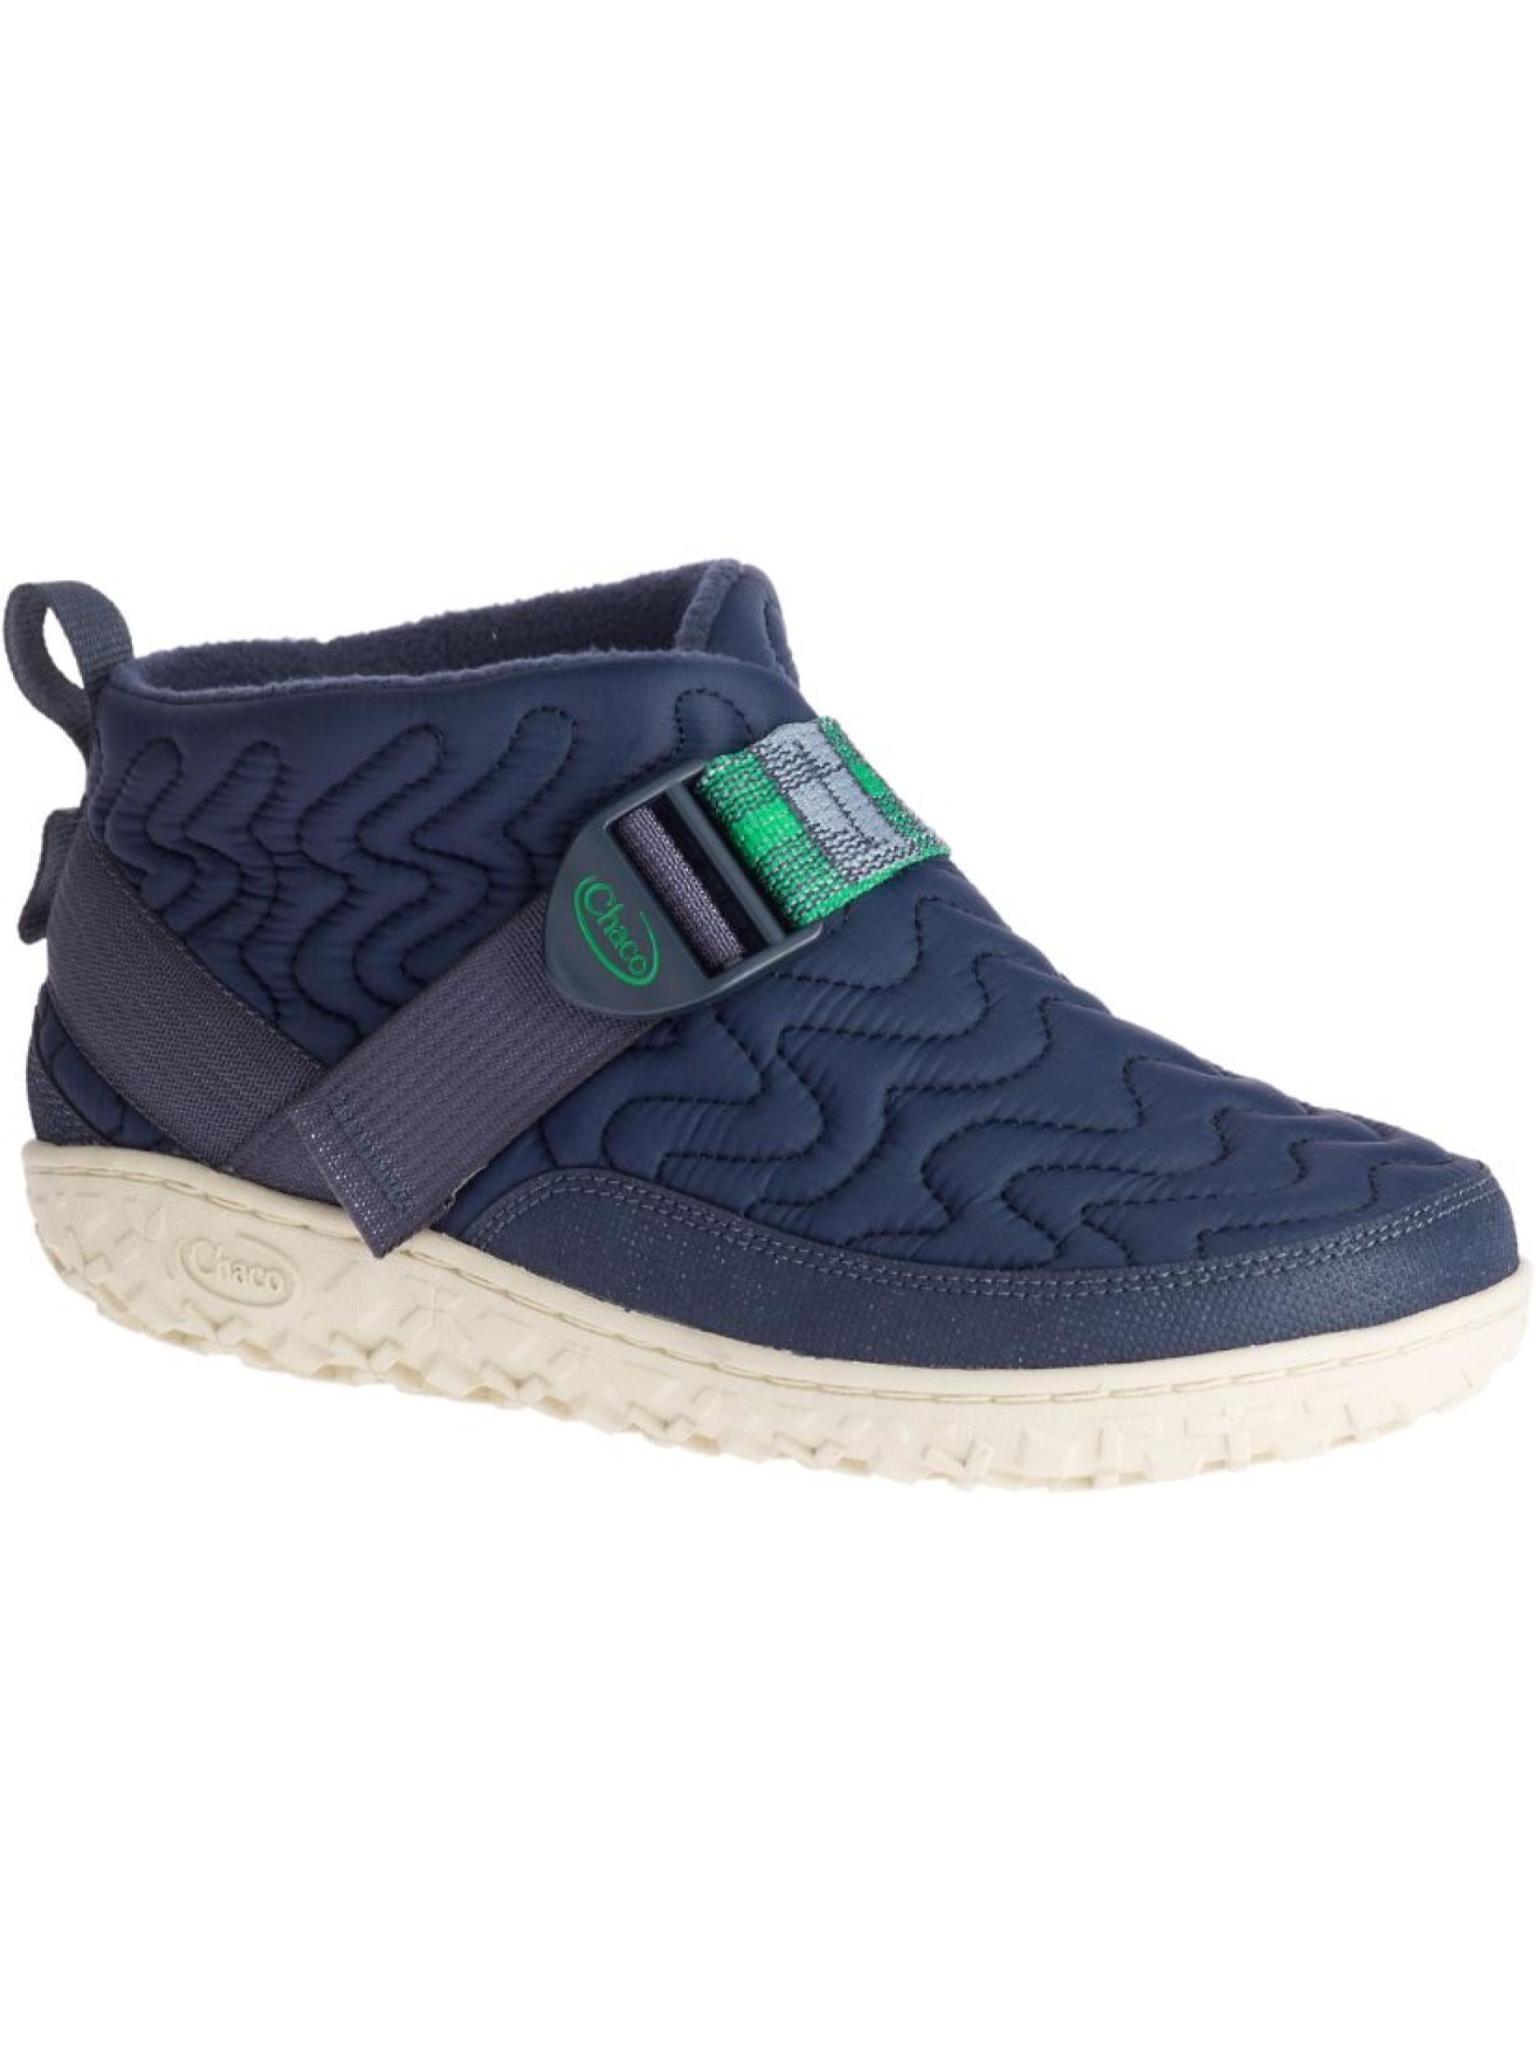 Chaco Women's Ramble Shoe